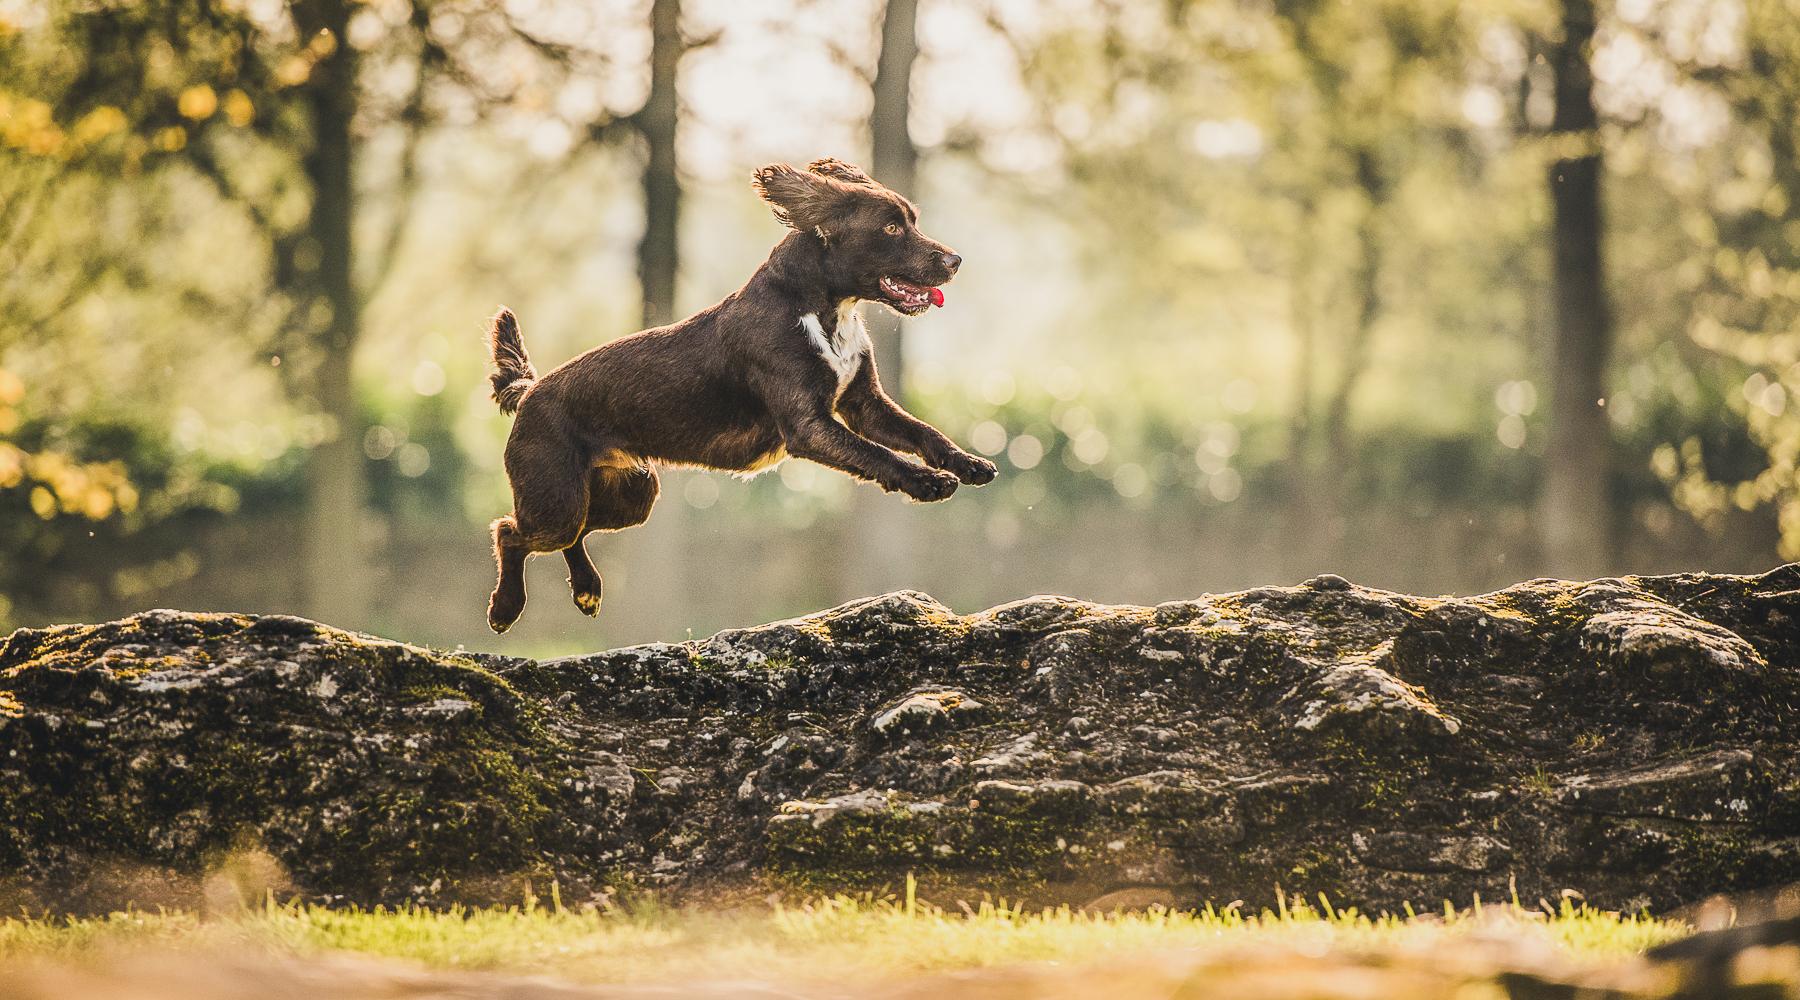 Spaniel mid jump over earth